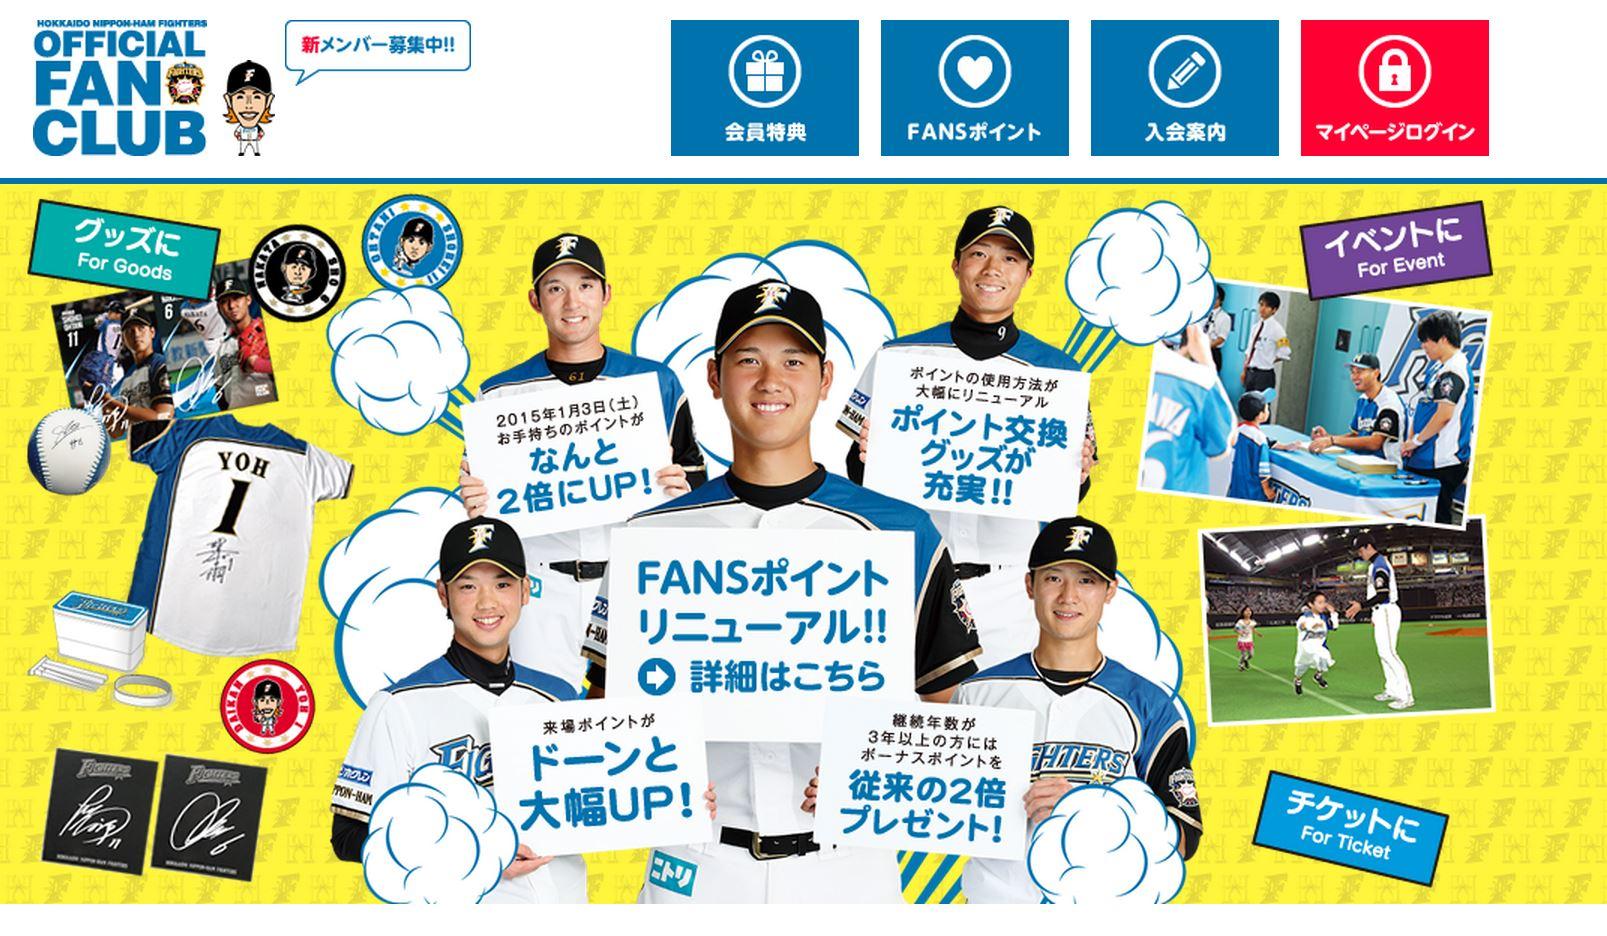 プロ野球・北海道日本ハムファイターズが旅行業に参入、「世界にひとつだけ」の観戦ツアー募集キャンペーン